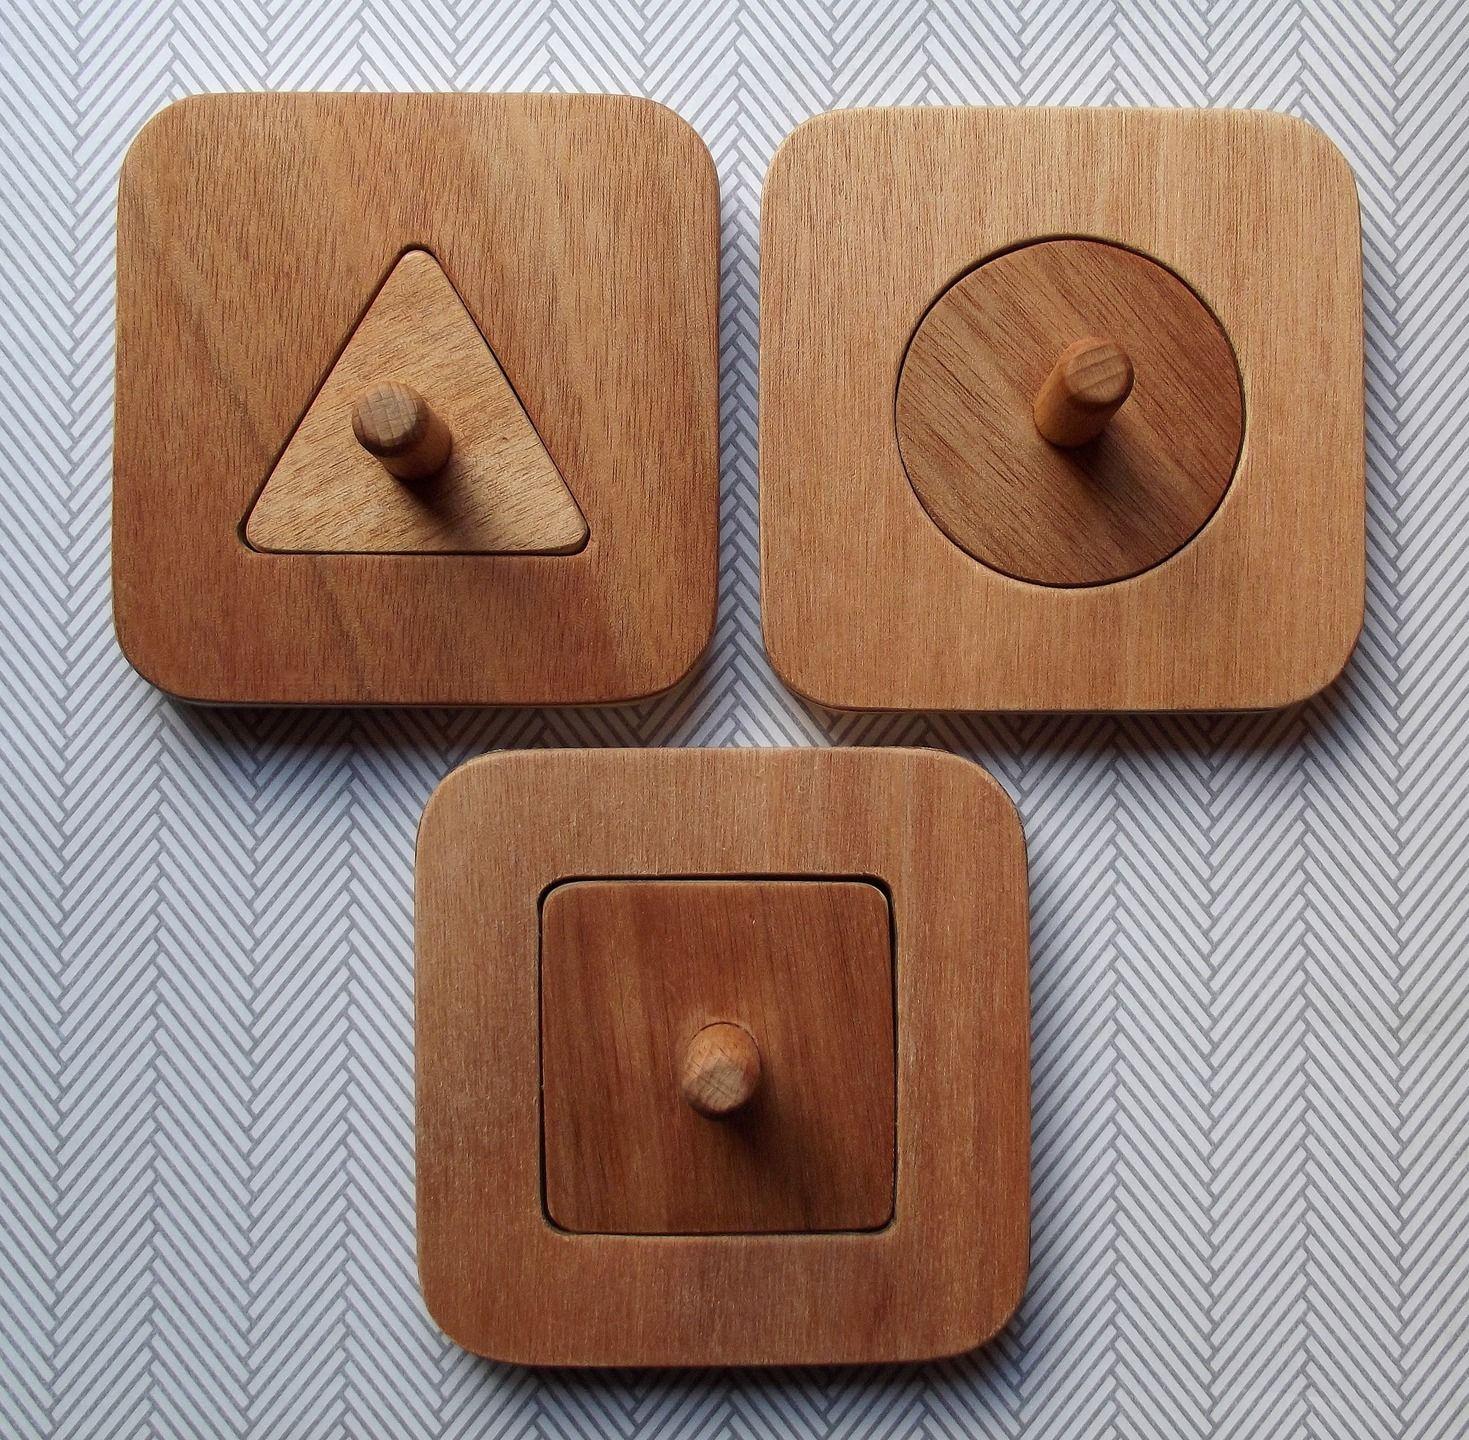 3 puzzles en bois forme unique encastrer rond carr triangle inspiration montessori jeux. Black Bedroom Furniture Sets. Home Design Ideas